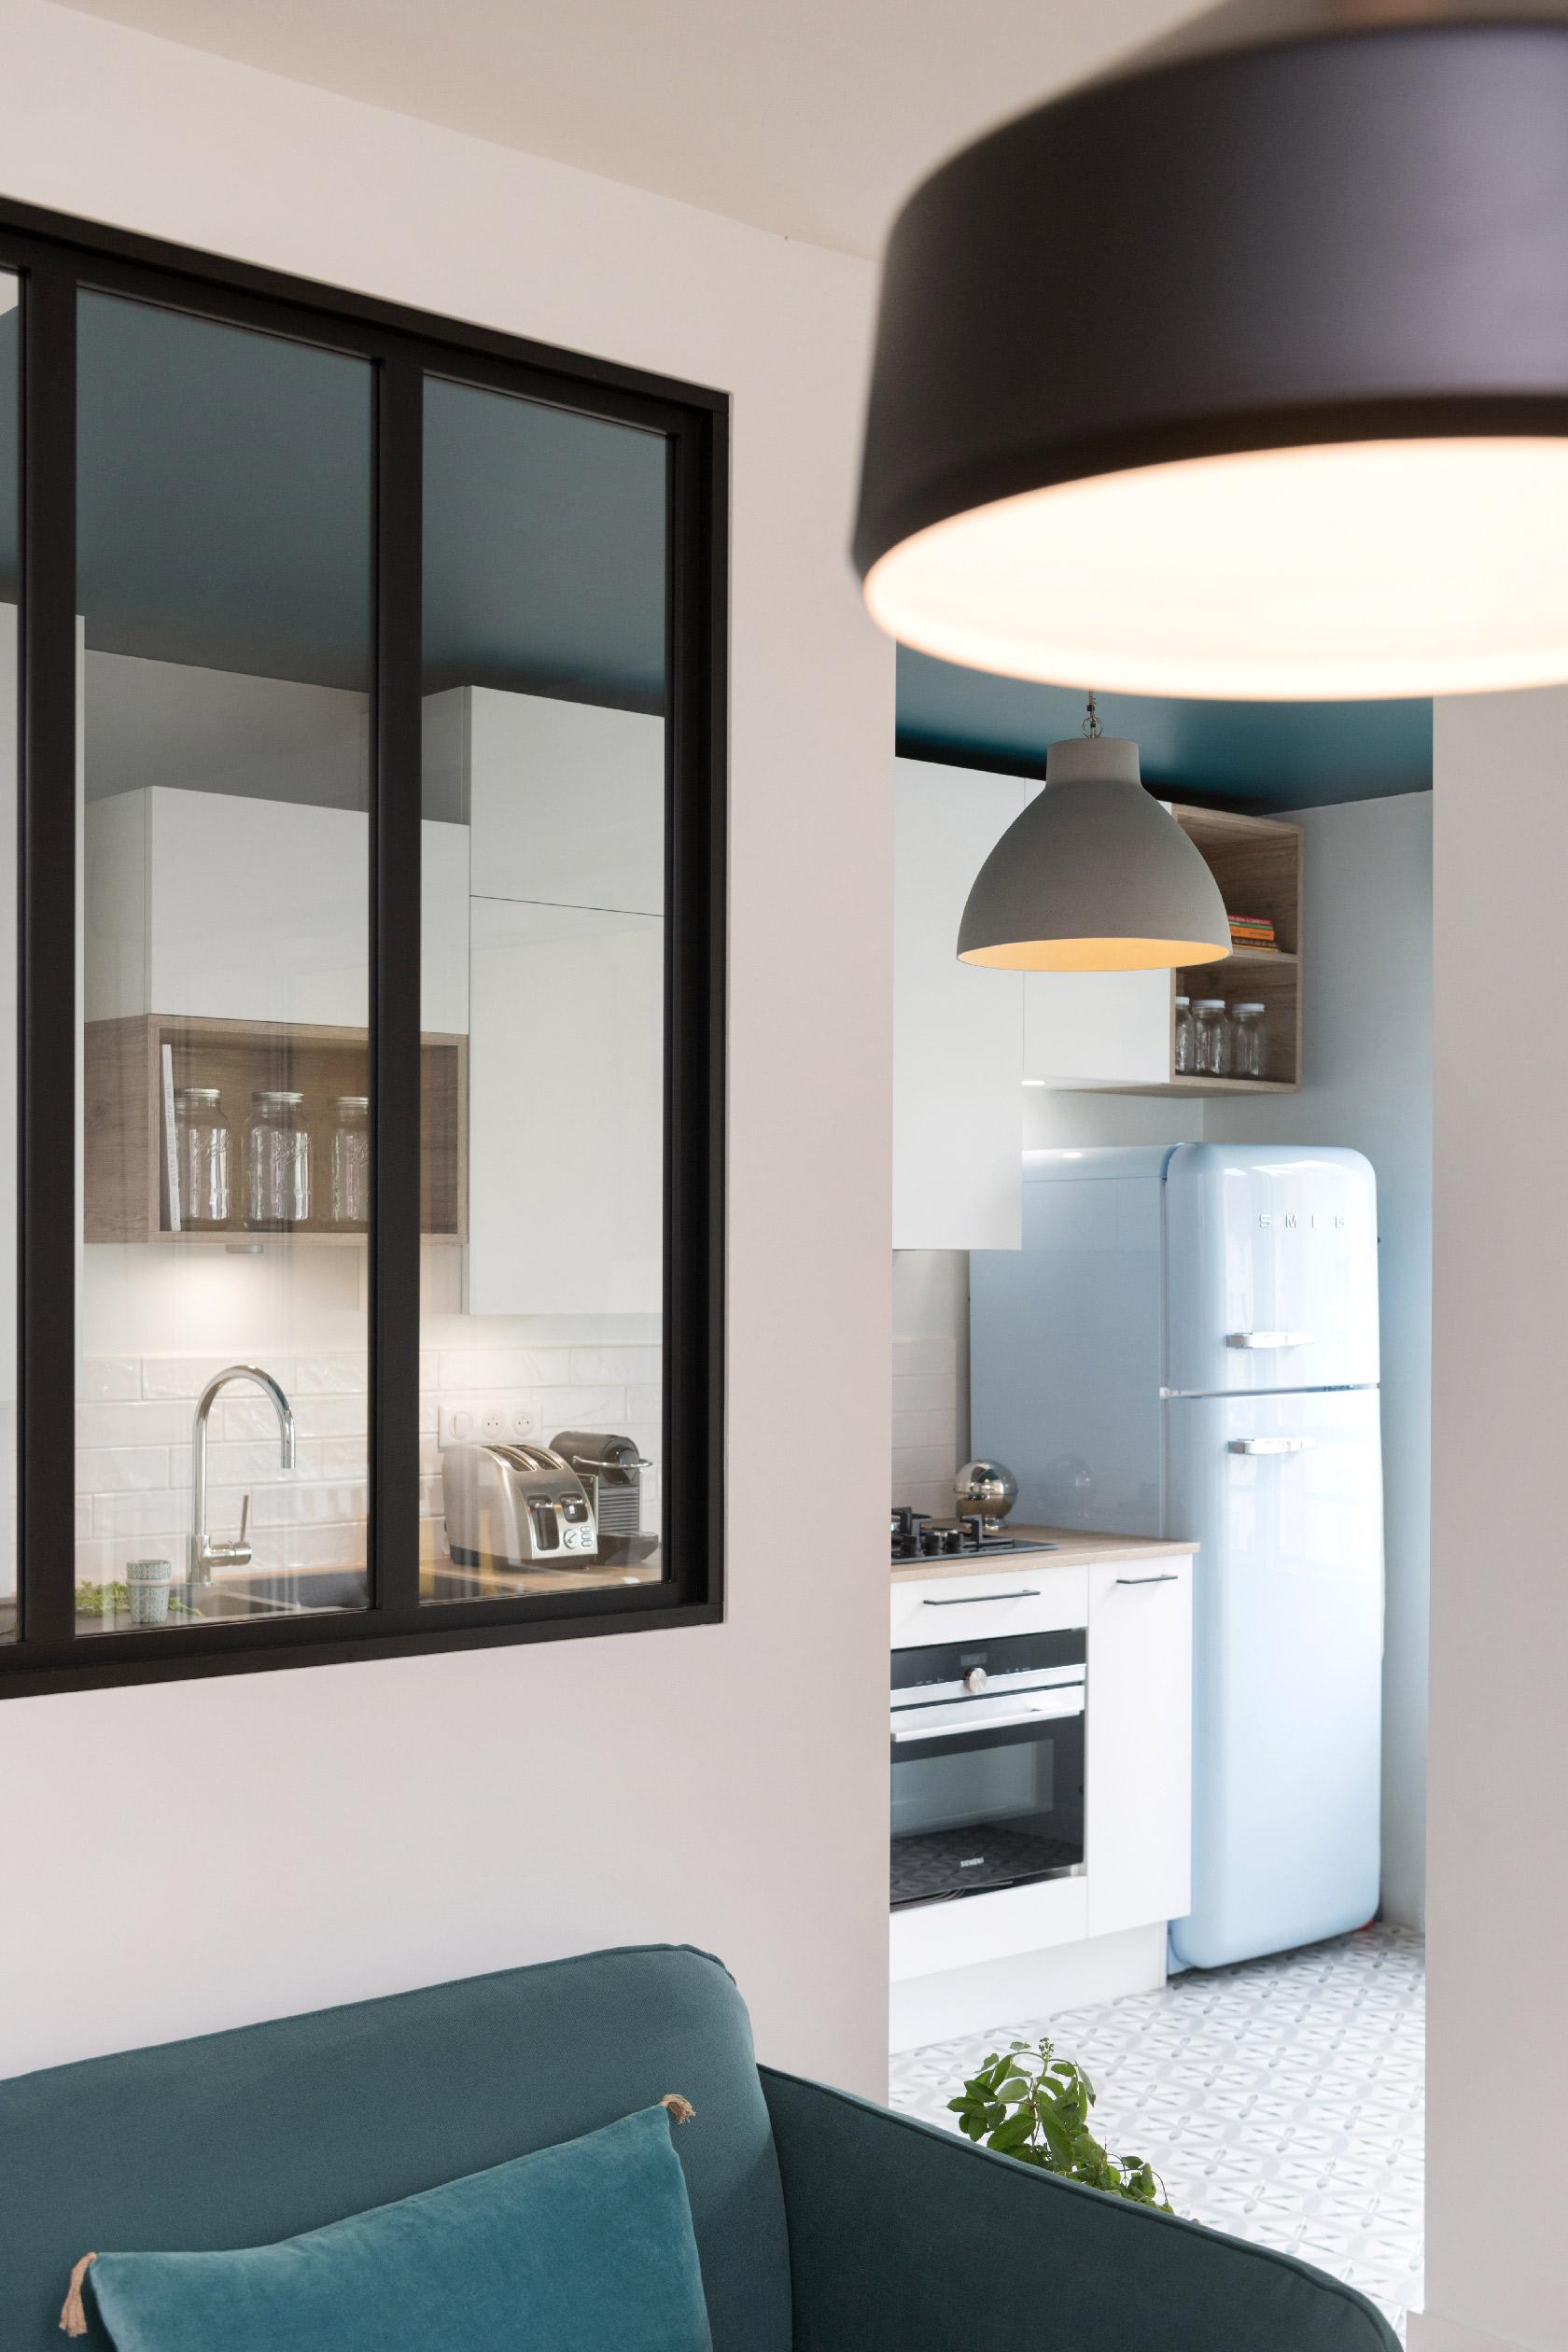 Derrière la verrière noire, un plafond coloré bleu paon et une cuisine aux façades blanches.